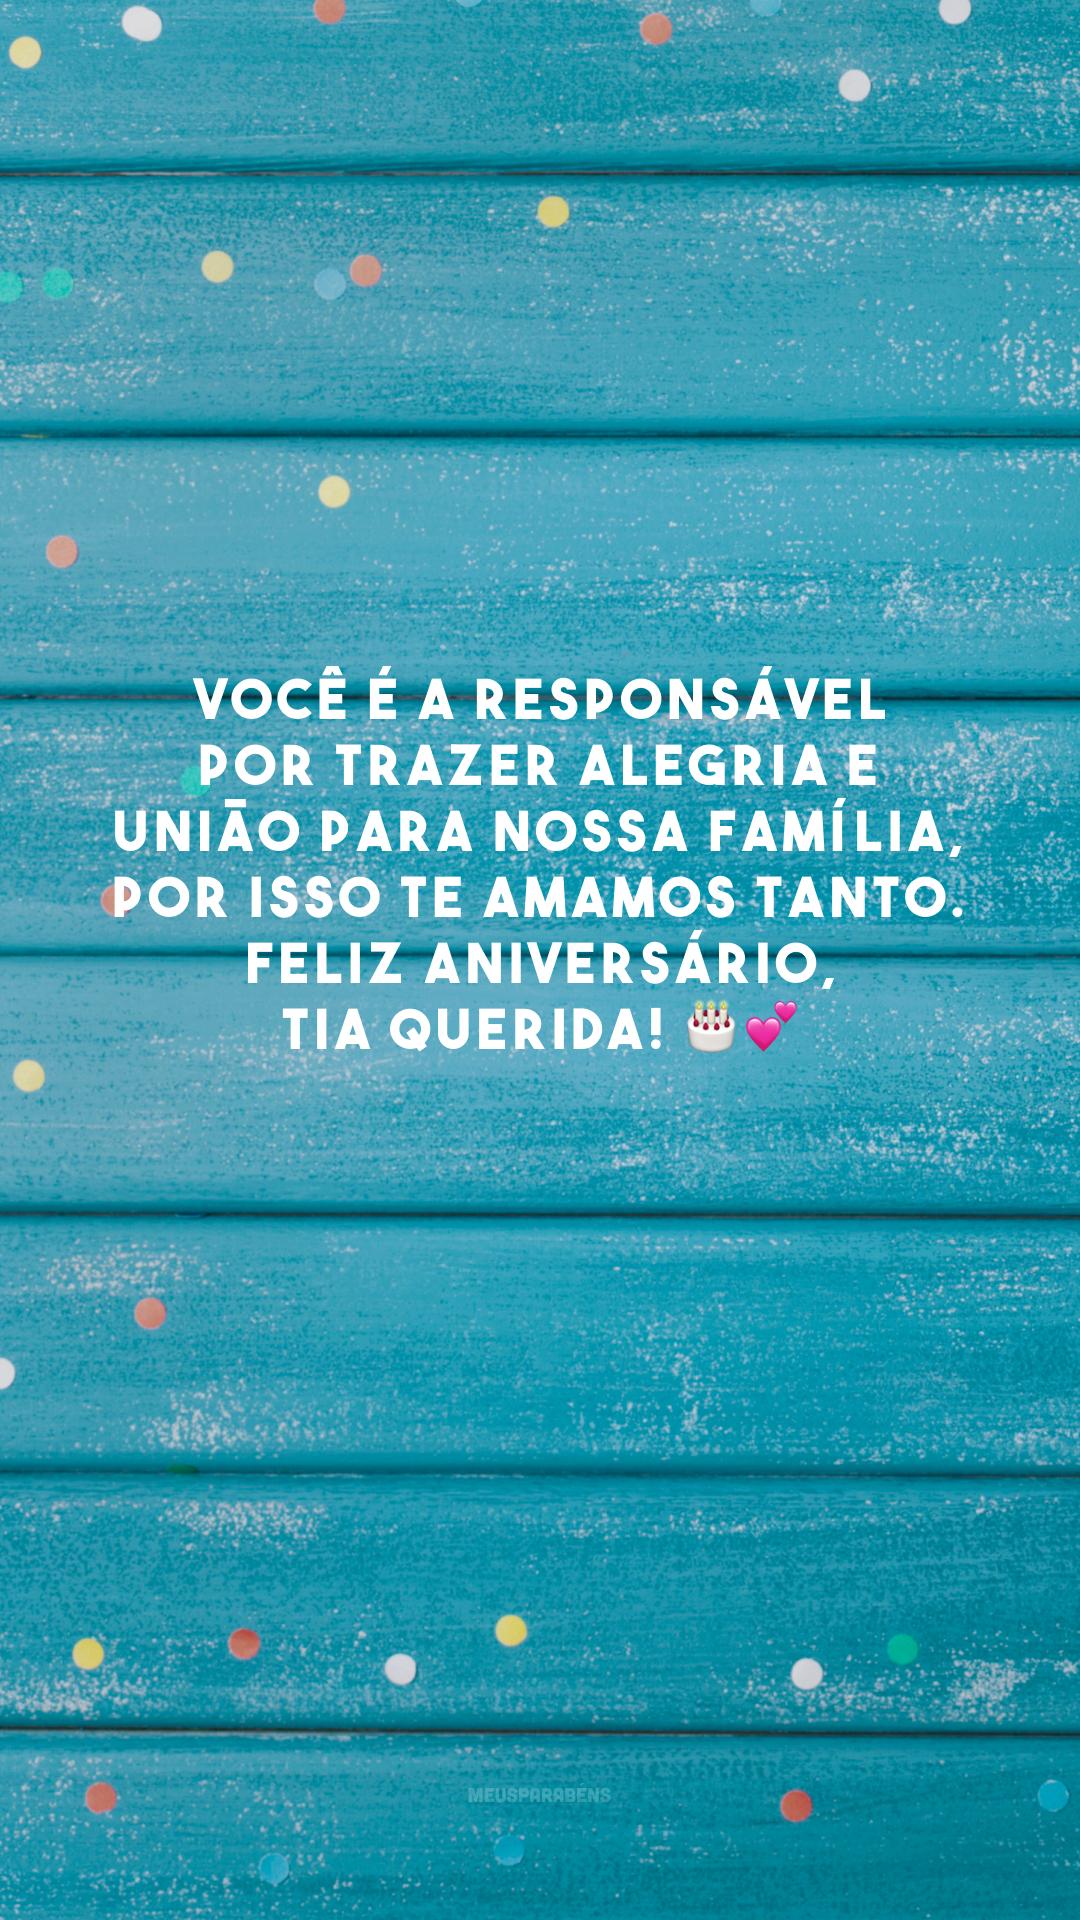 Você é a responsável por trazer alegria e união para nossa família, por isso te amamos tanto. Feliz aniversário, tia querida! 🎂💕